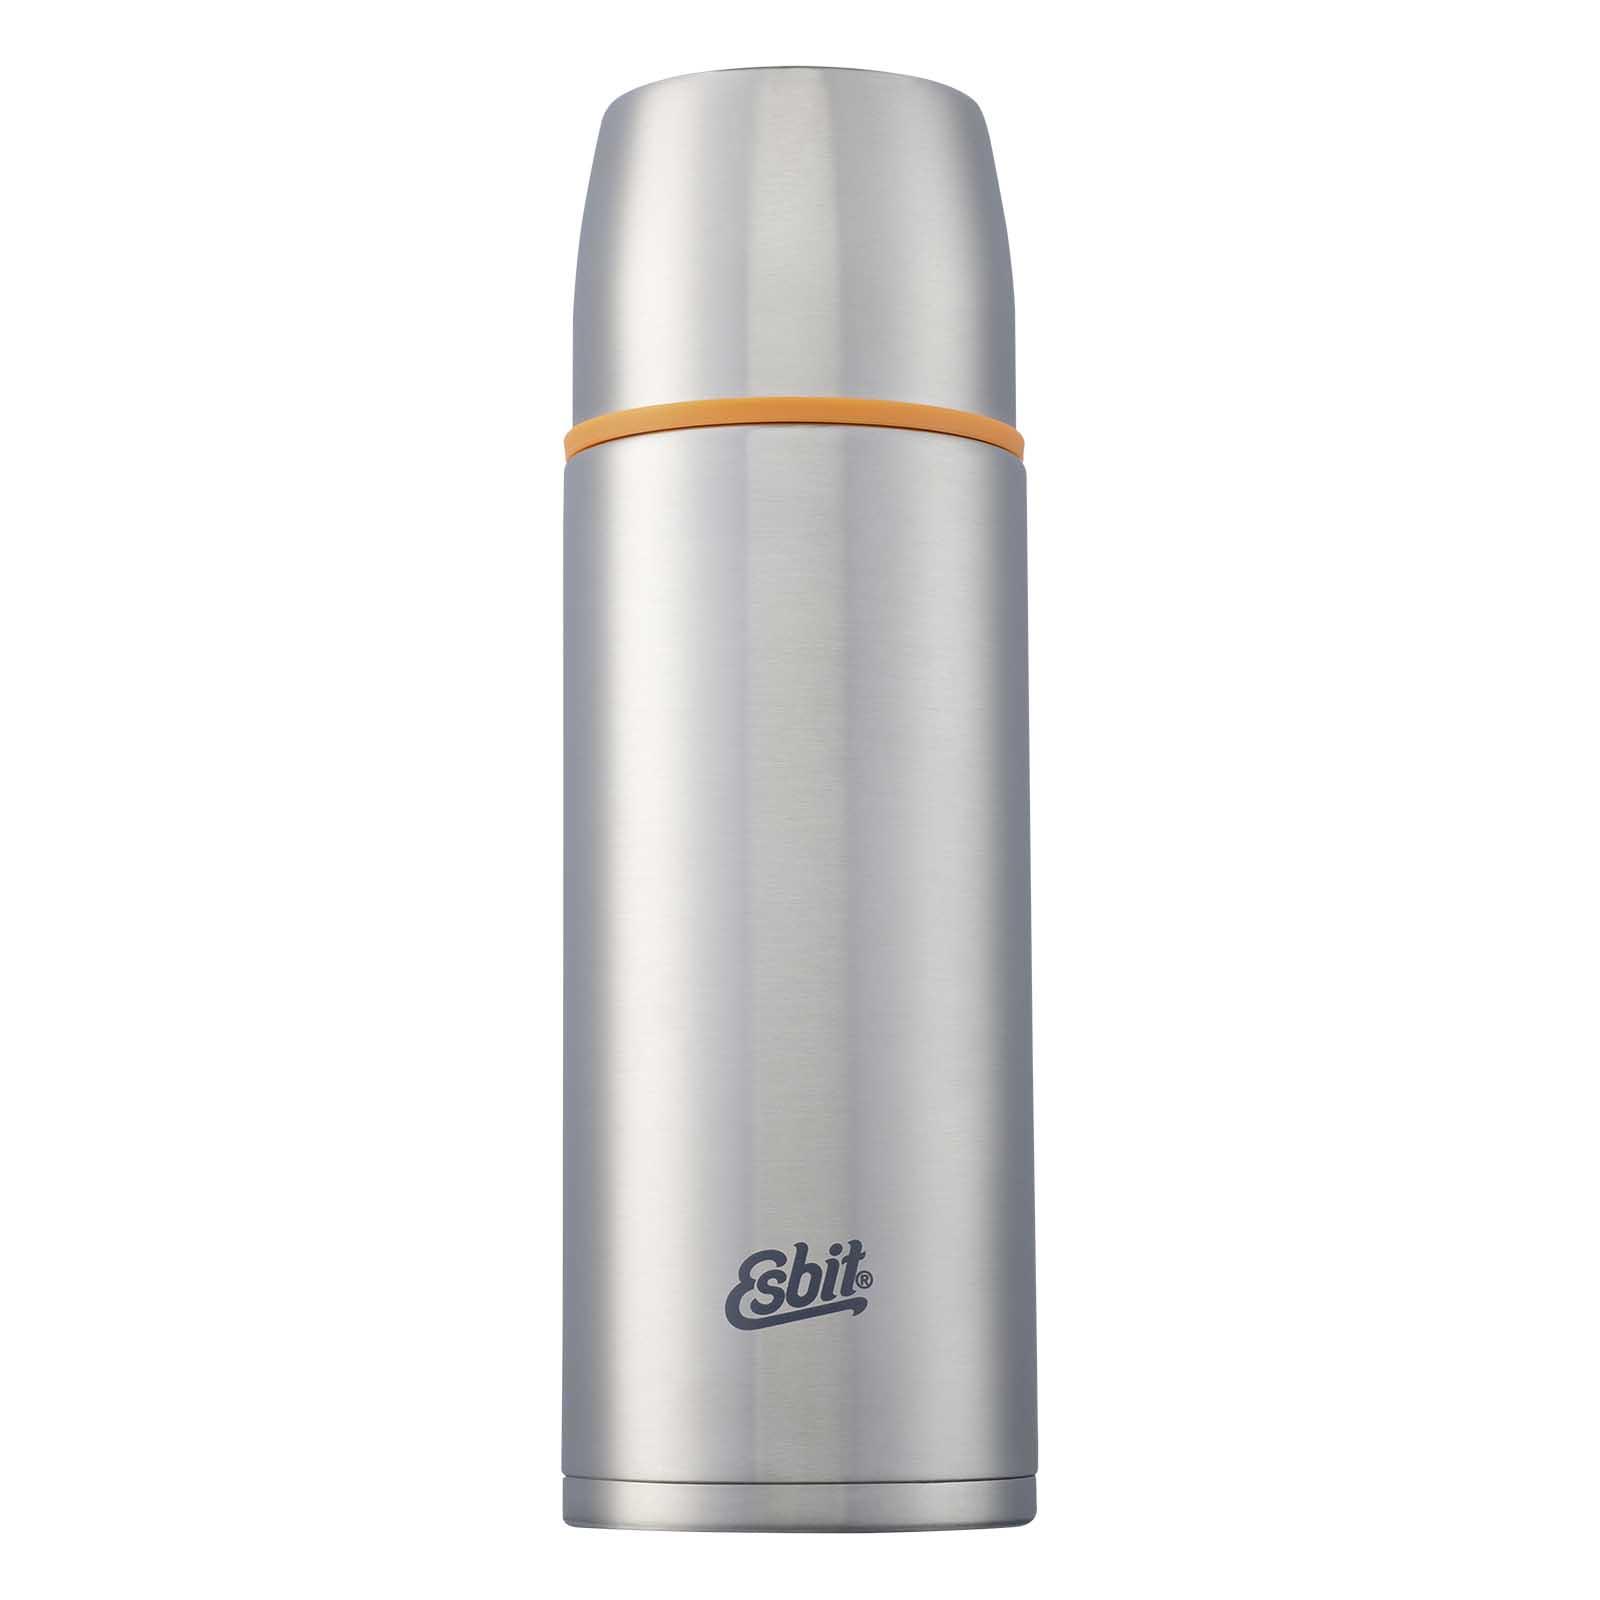 Термос Esbit ISO, новый дизайн, cтальной-оранжевый, Термосы<br>Описание термоса Esbit ISO: Термос из нержавеющей <br>стали с двумя чашками и дополнительной <br>пробкой. Удобно наливать напитки. Высококачественная <br>конструкция термоса сохраняет напитки <br>холодными / горячими длительное время. Особенности: <br>высококачественная нержавеющая сталь крышка <br>превращается в 2 чашки сохраняет напитки <br>холодными / горячими длительное время внутренний <br>пробка с возможностью наливания жидкости <br>удобно мыть дополнительная пробка с резьбой <br>Характеристики: При температуре воды ~ 95° <br>C и температуре окружающей среды ~ 20° C ± <br>2° с температура напитка: Через 6 ч: ~ 80° C <br>Через 12 ч: ~ 65° C Через 24 ч: ~ 50° C Технические <br>характеристики: Материал: нержавеющая сталь <br>Размер: 273 х ? 90 мм Вес: 537 г Объем: 1000 мл<br>